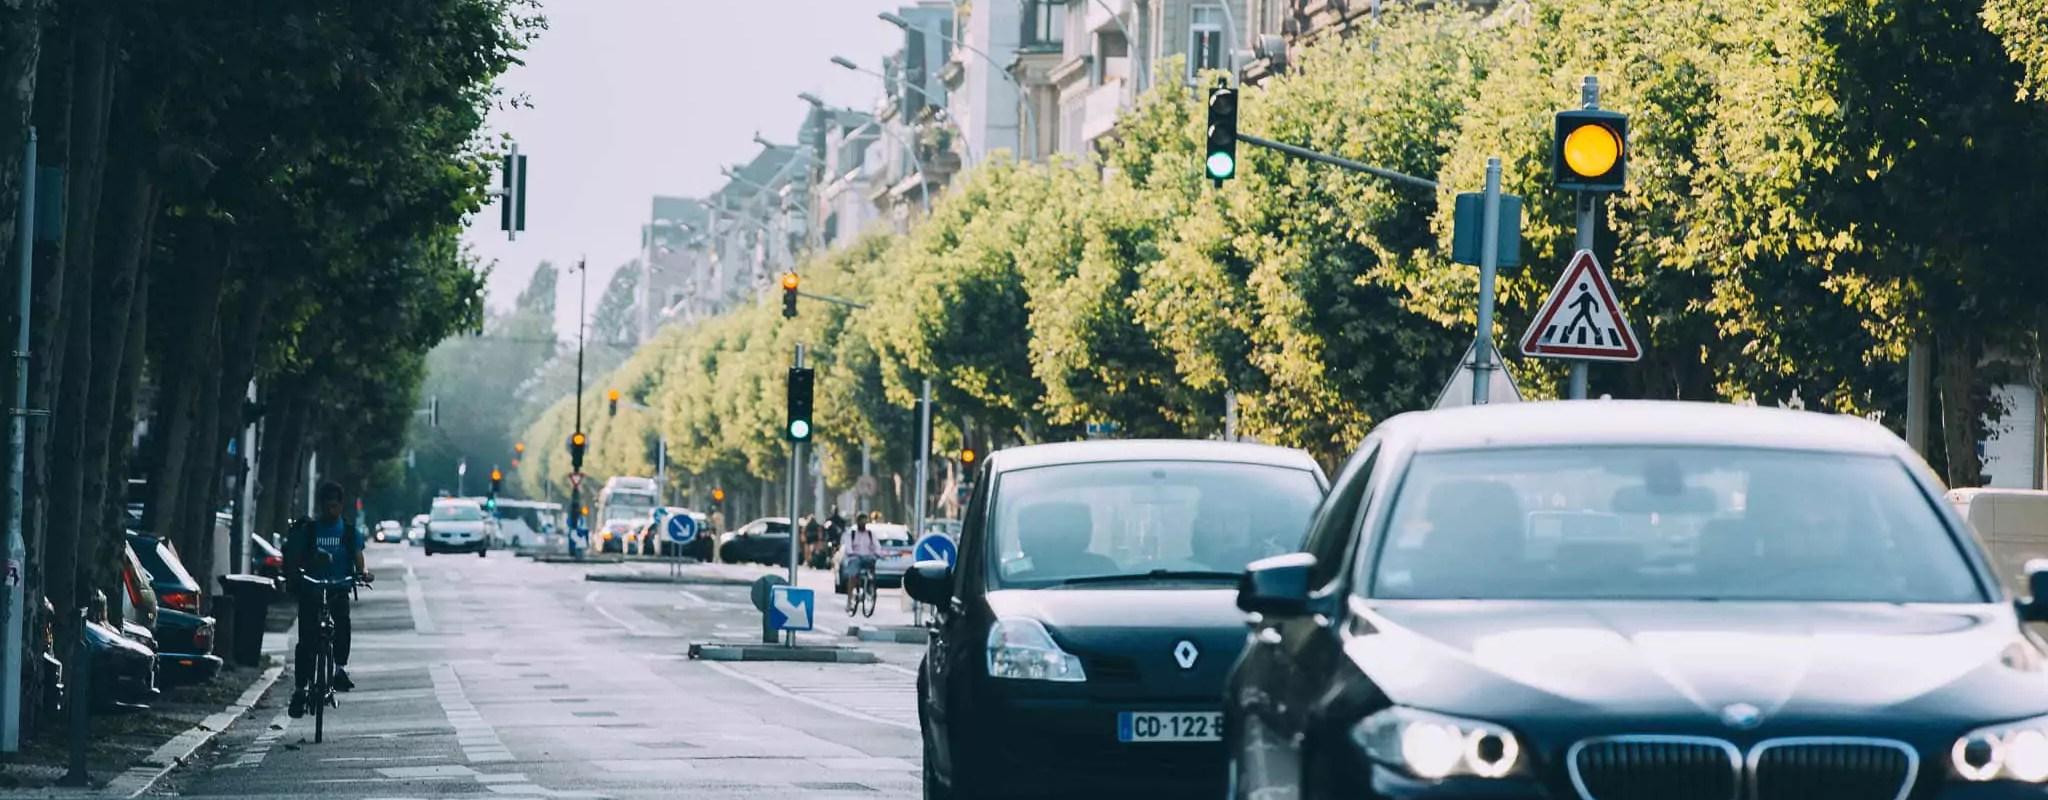 #Enjeux2020 – La réduction des voitures en dehors du centre de Strasbourg, une ambition au point mort?